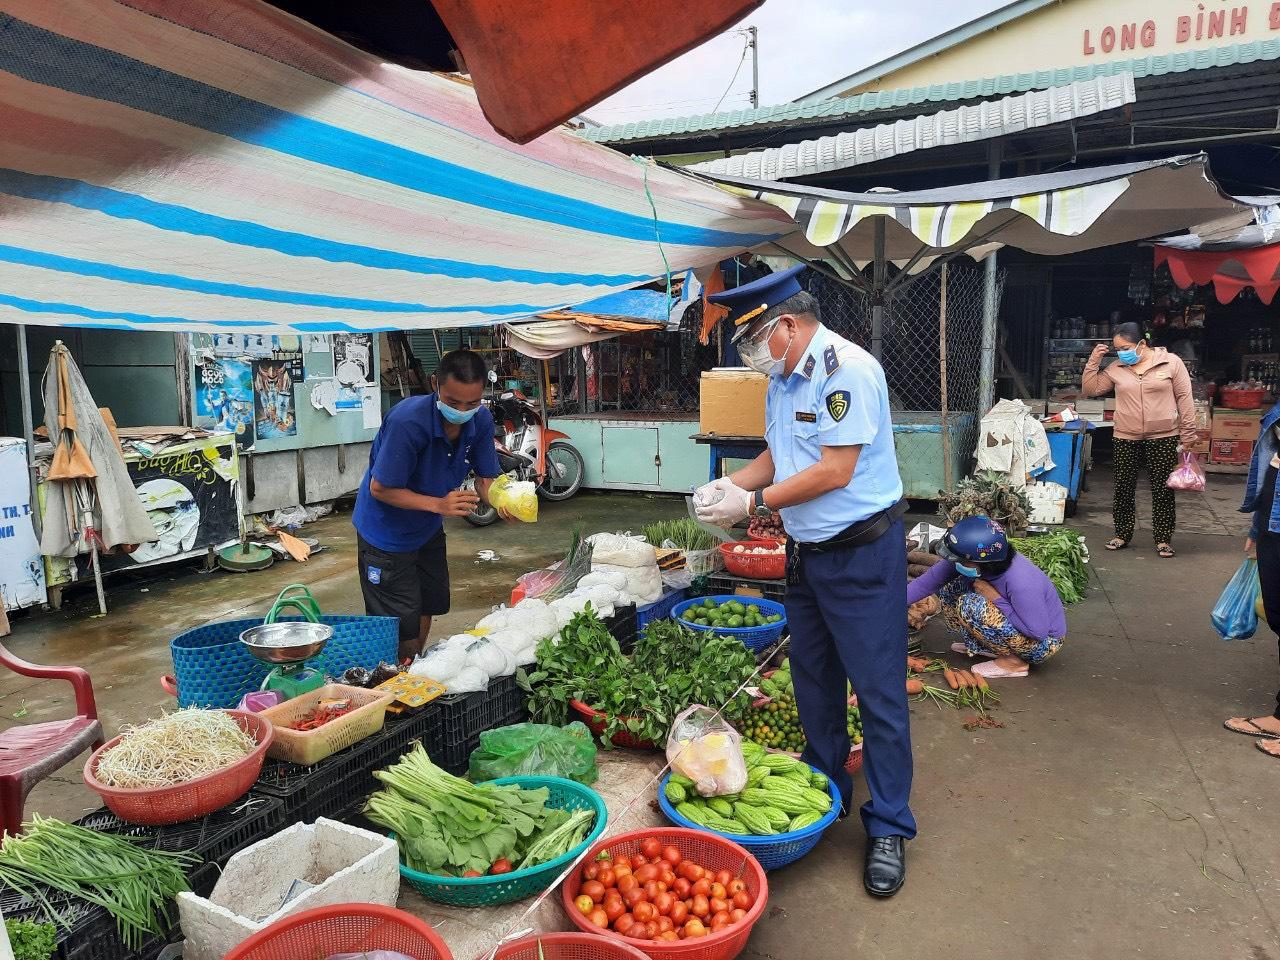 Tiền Giang: Tăng cường công tác giám sát chất lượng an toàn thực phẩm tại các chợ